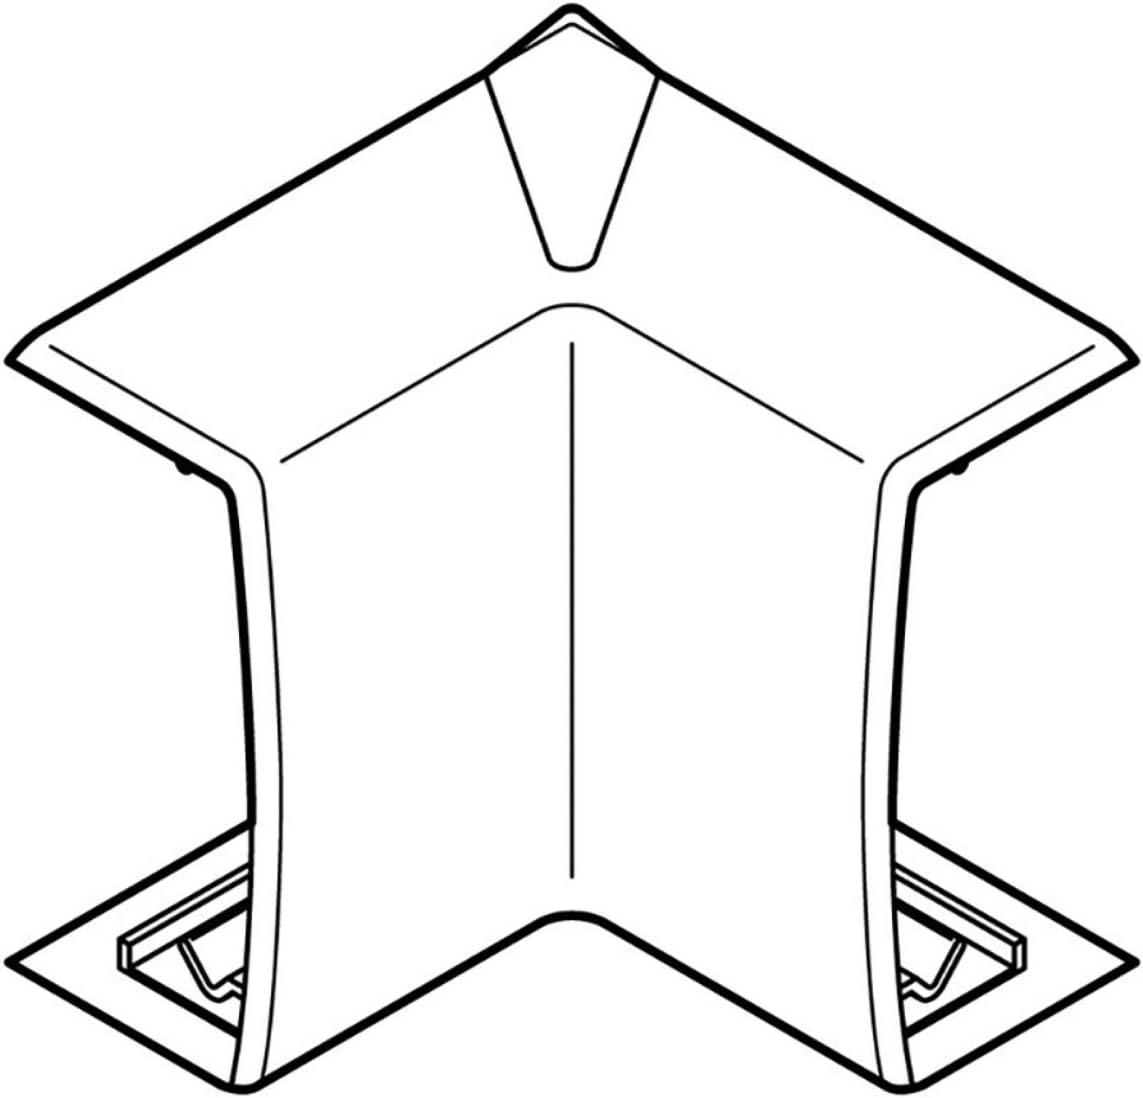 planet wattohm 11582 keva m 50 x 20 angle int/érieur variasouple